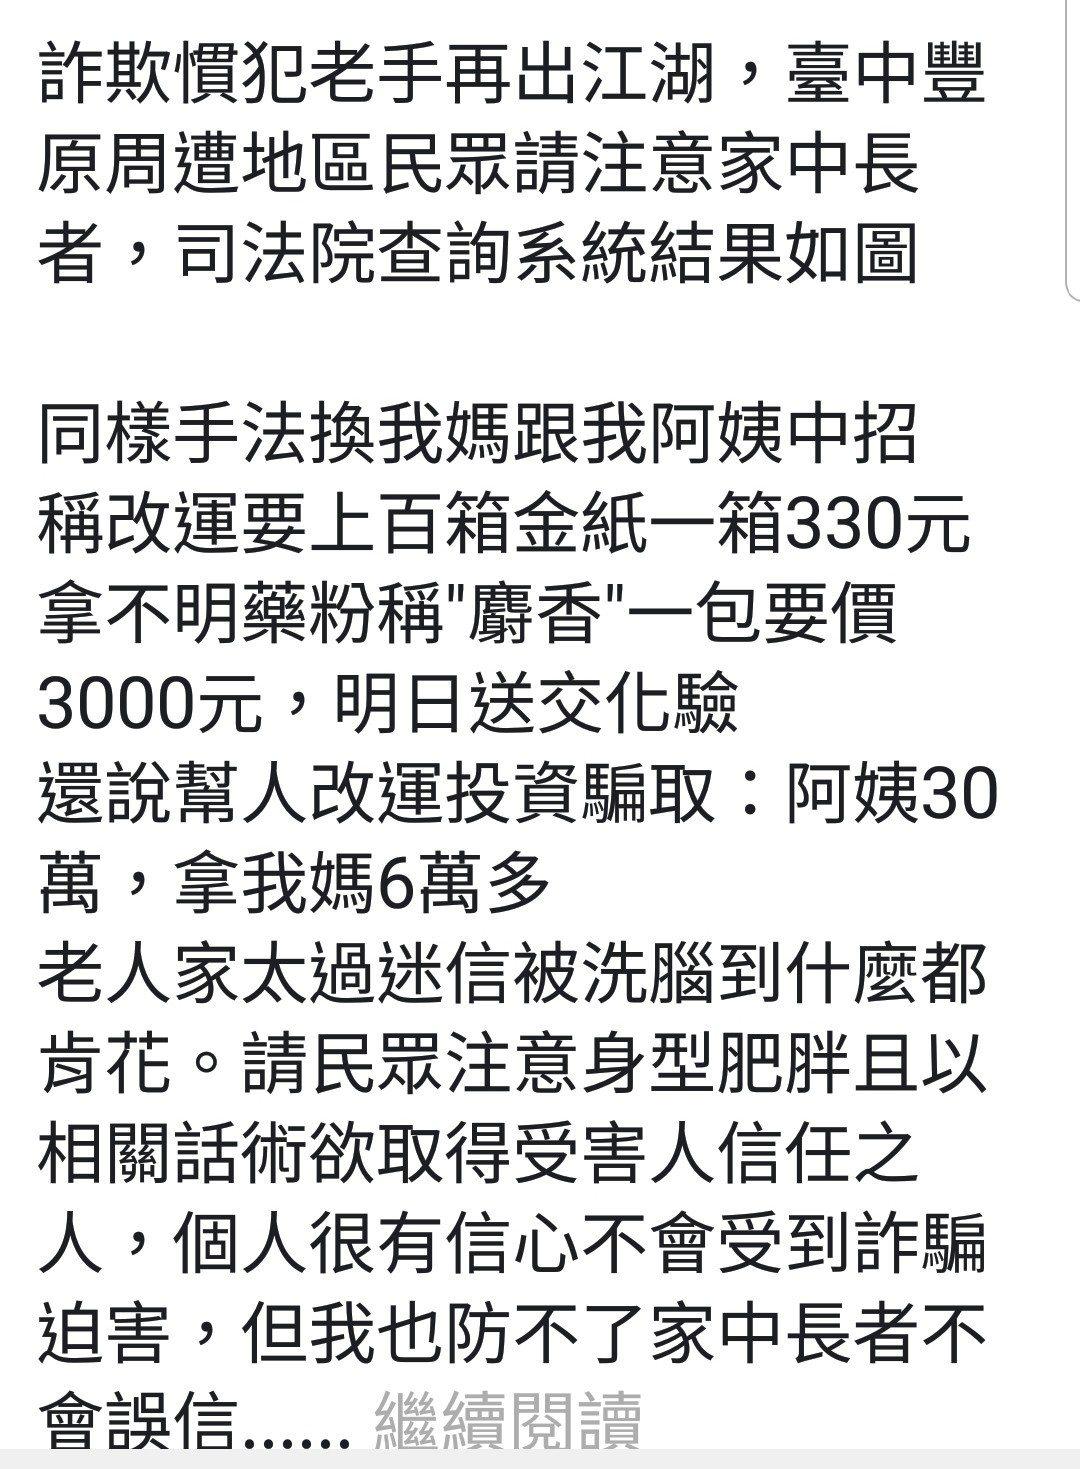 臉書爆料公社今天有人po文提醒,台中豐原和附近地區民眾要注意,避免老人家被騙。圖...